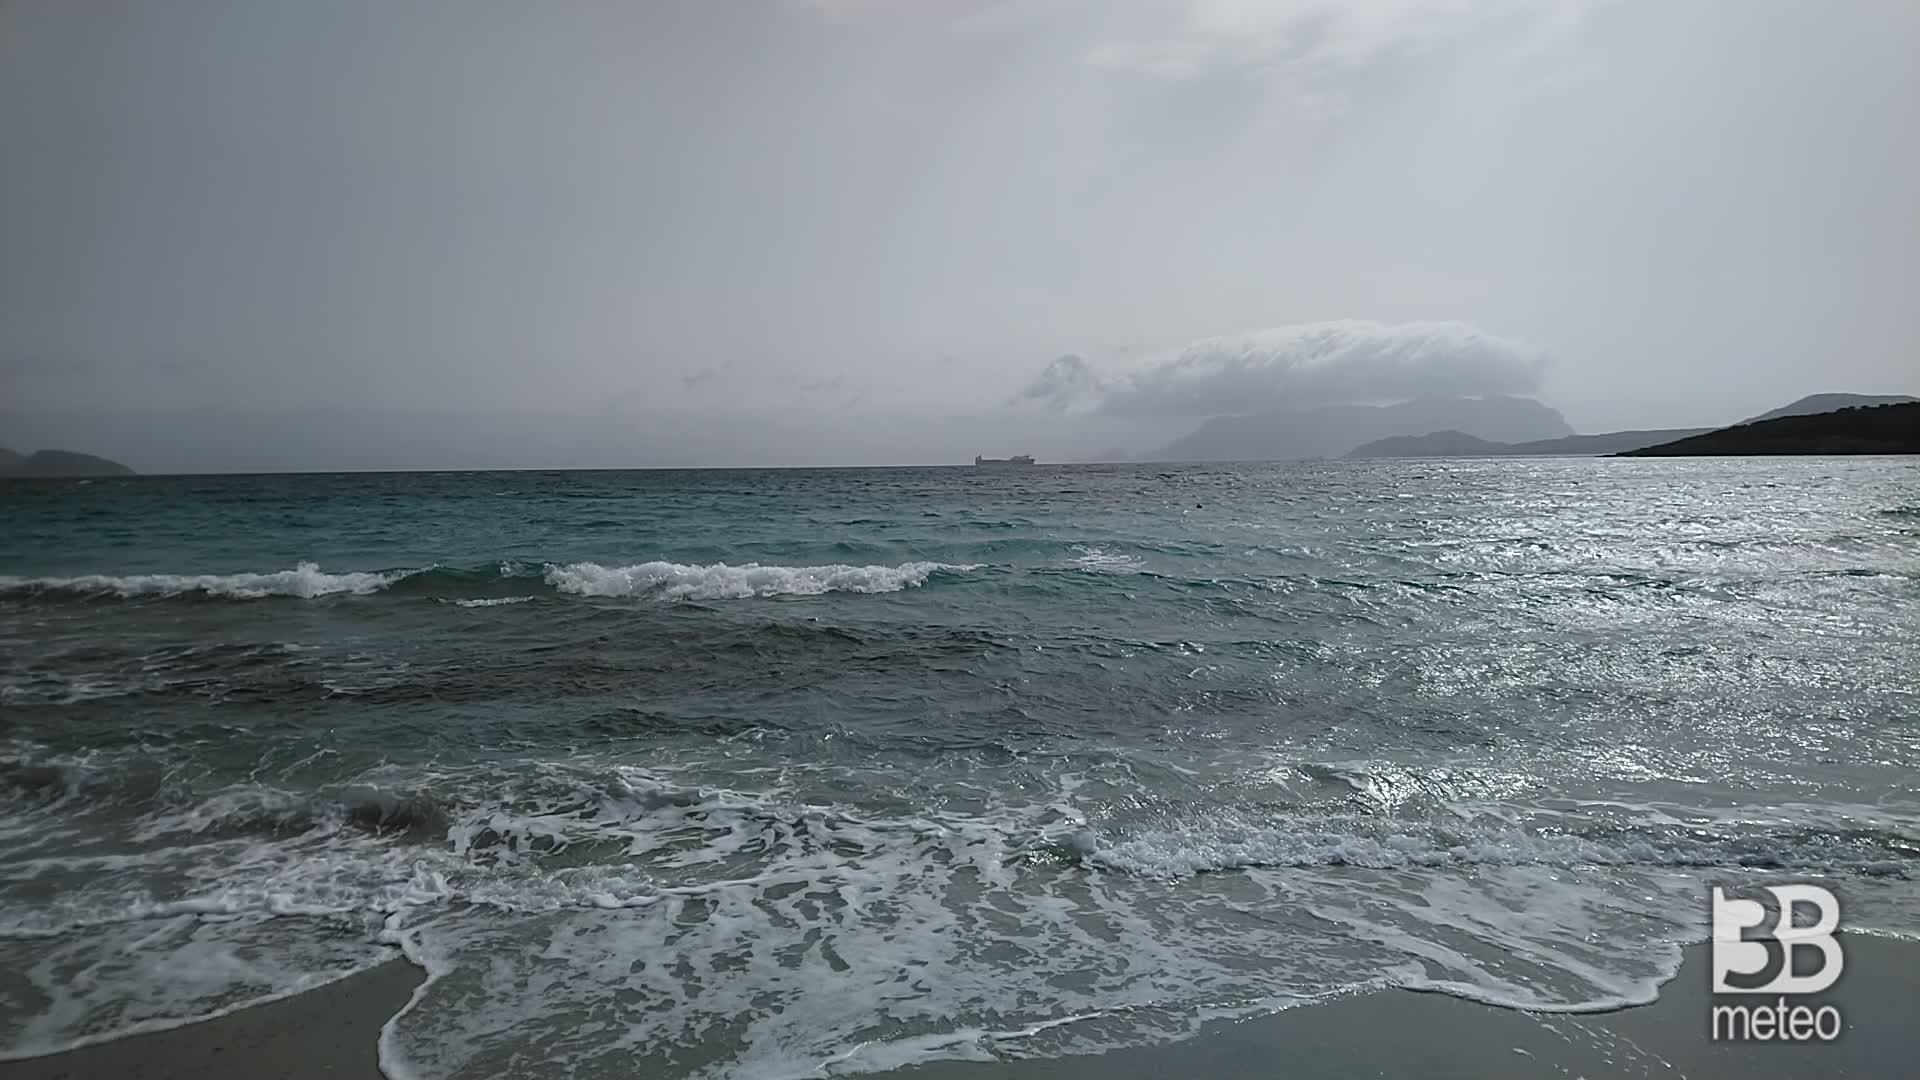 Cronaca meteo video: vento forte a Olbia